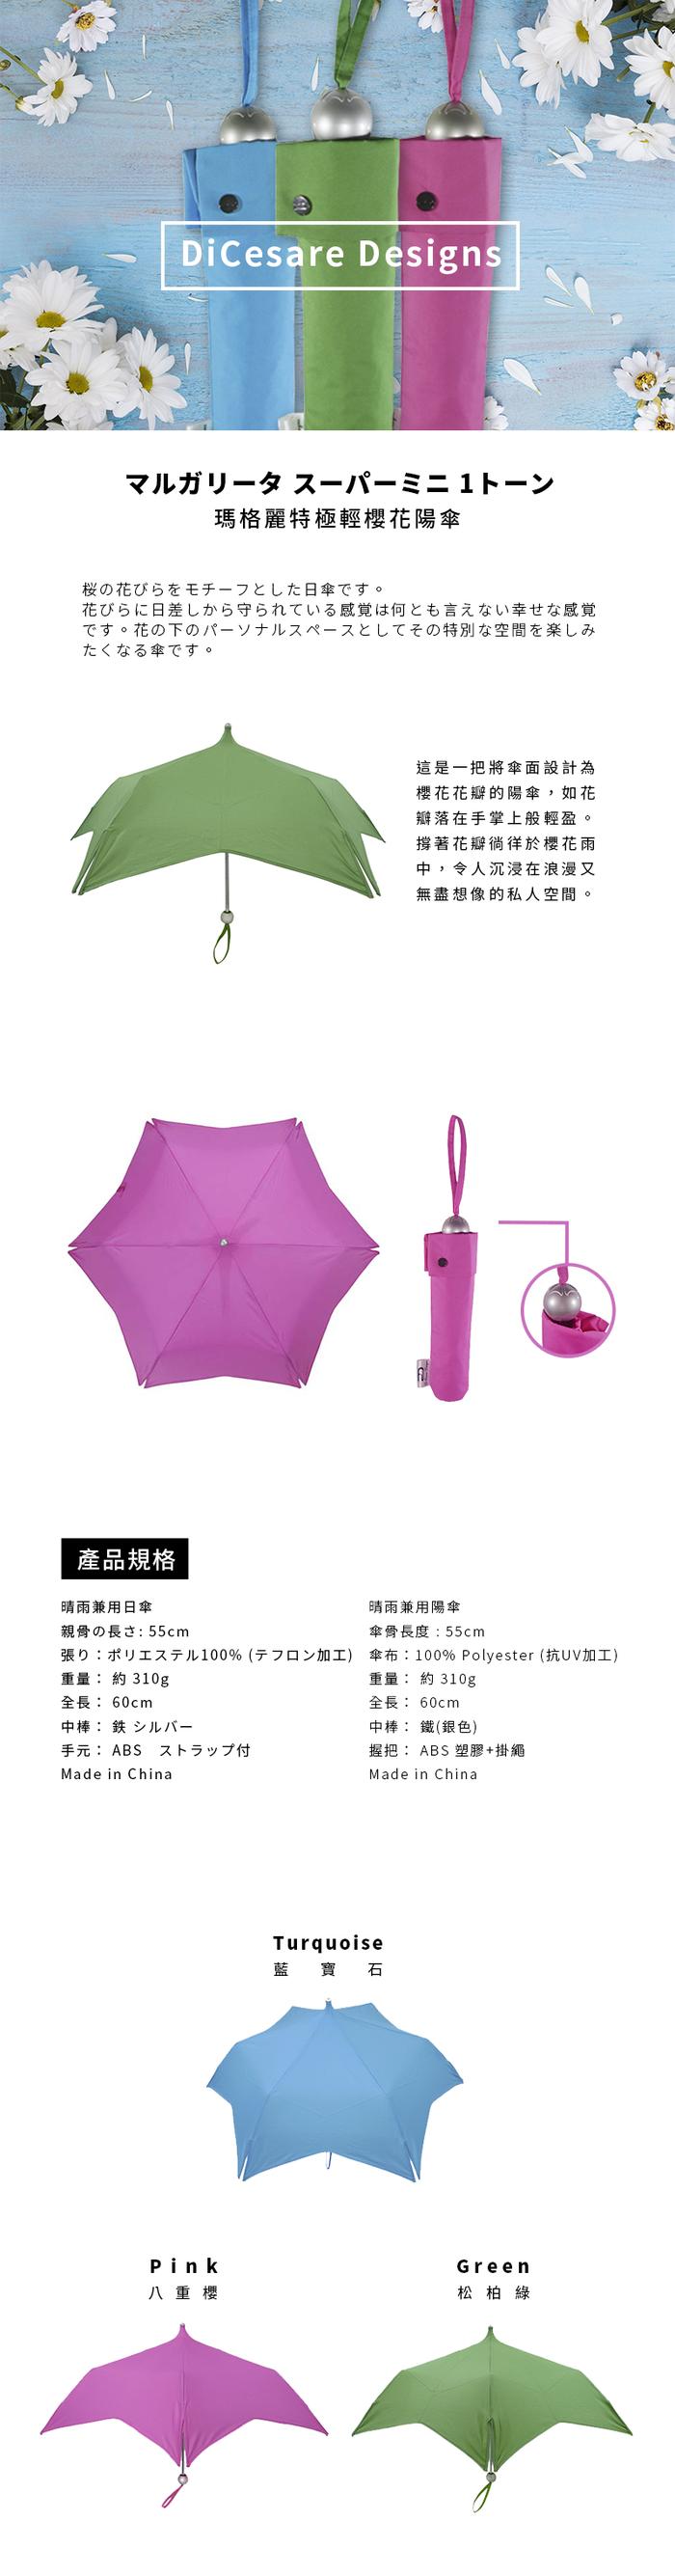 (複製)DiCesare|GRANDE 1tone 漆皮素色南瓜傘-杏黃(綠色漆皮握把)